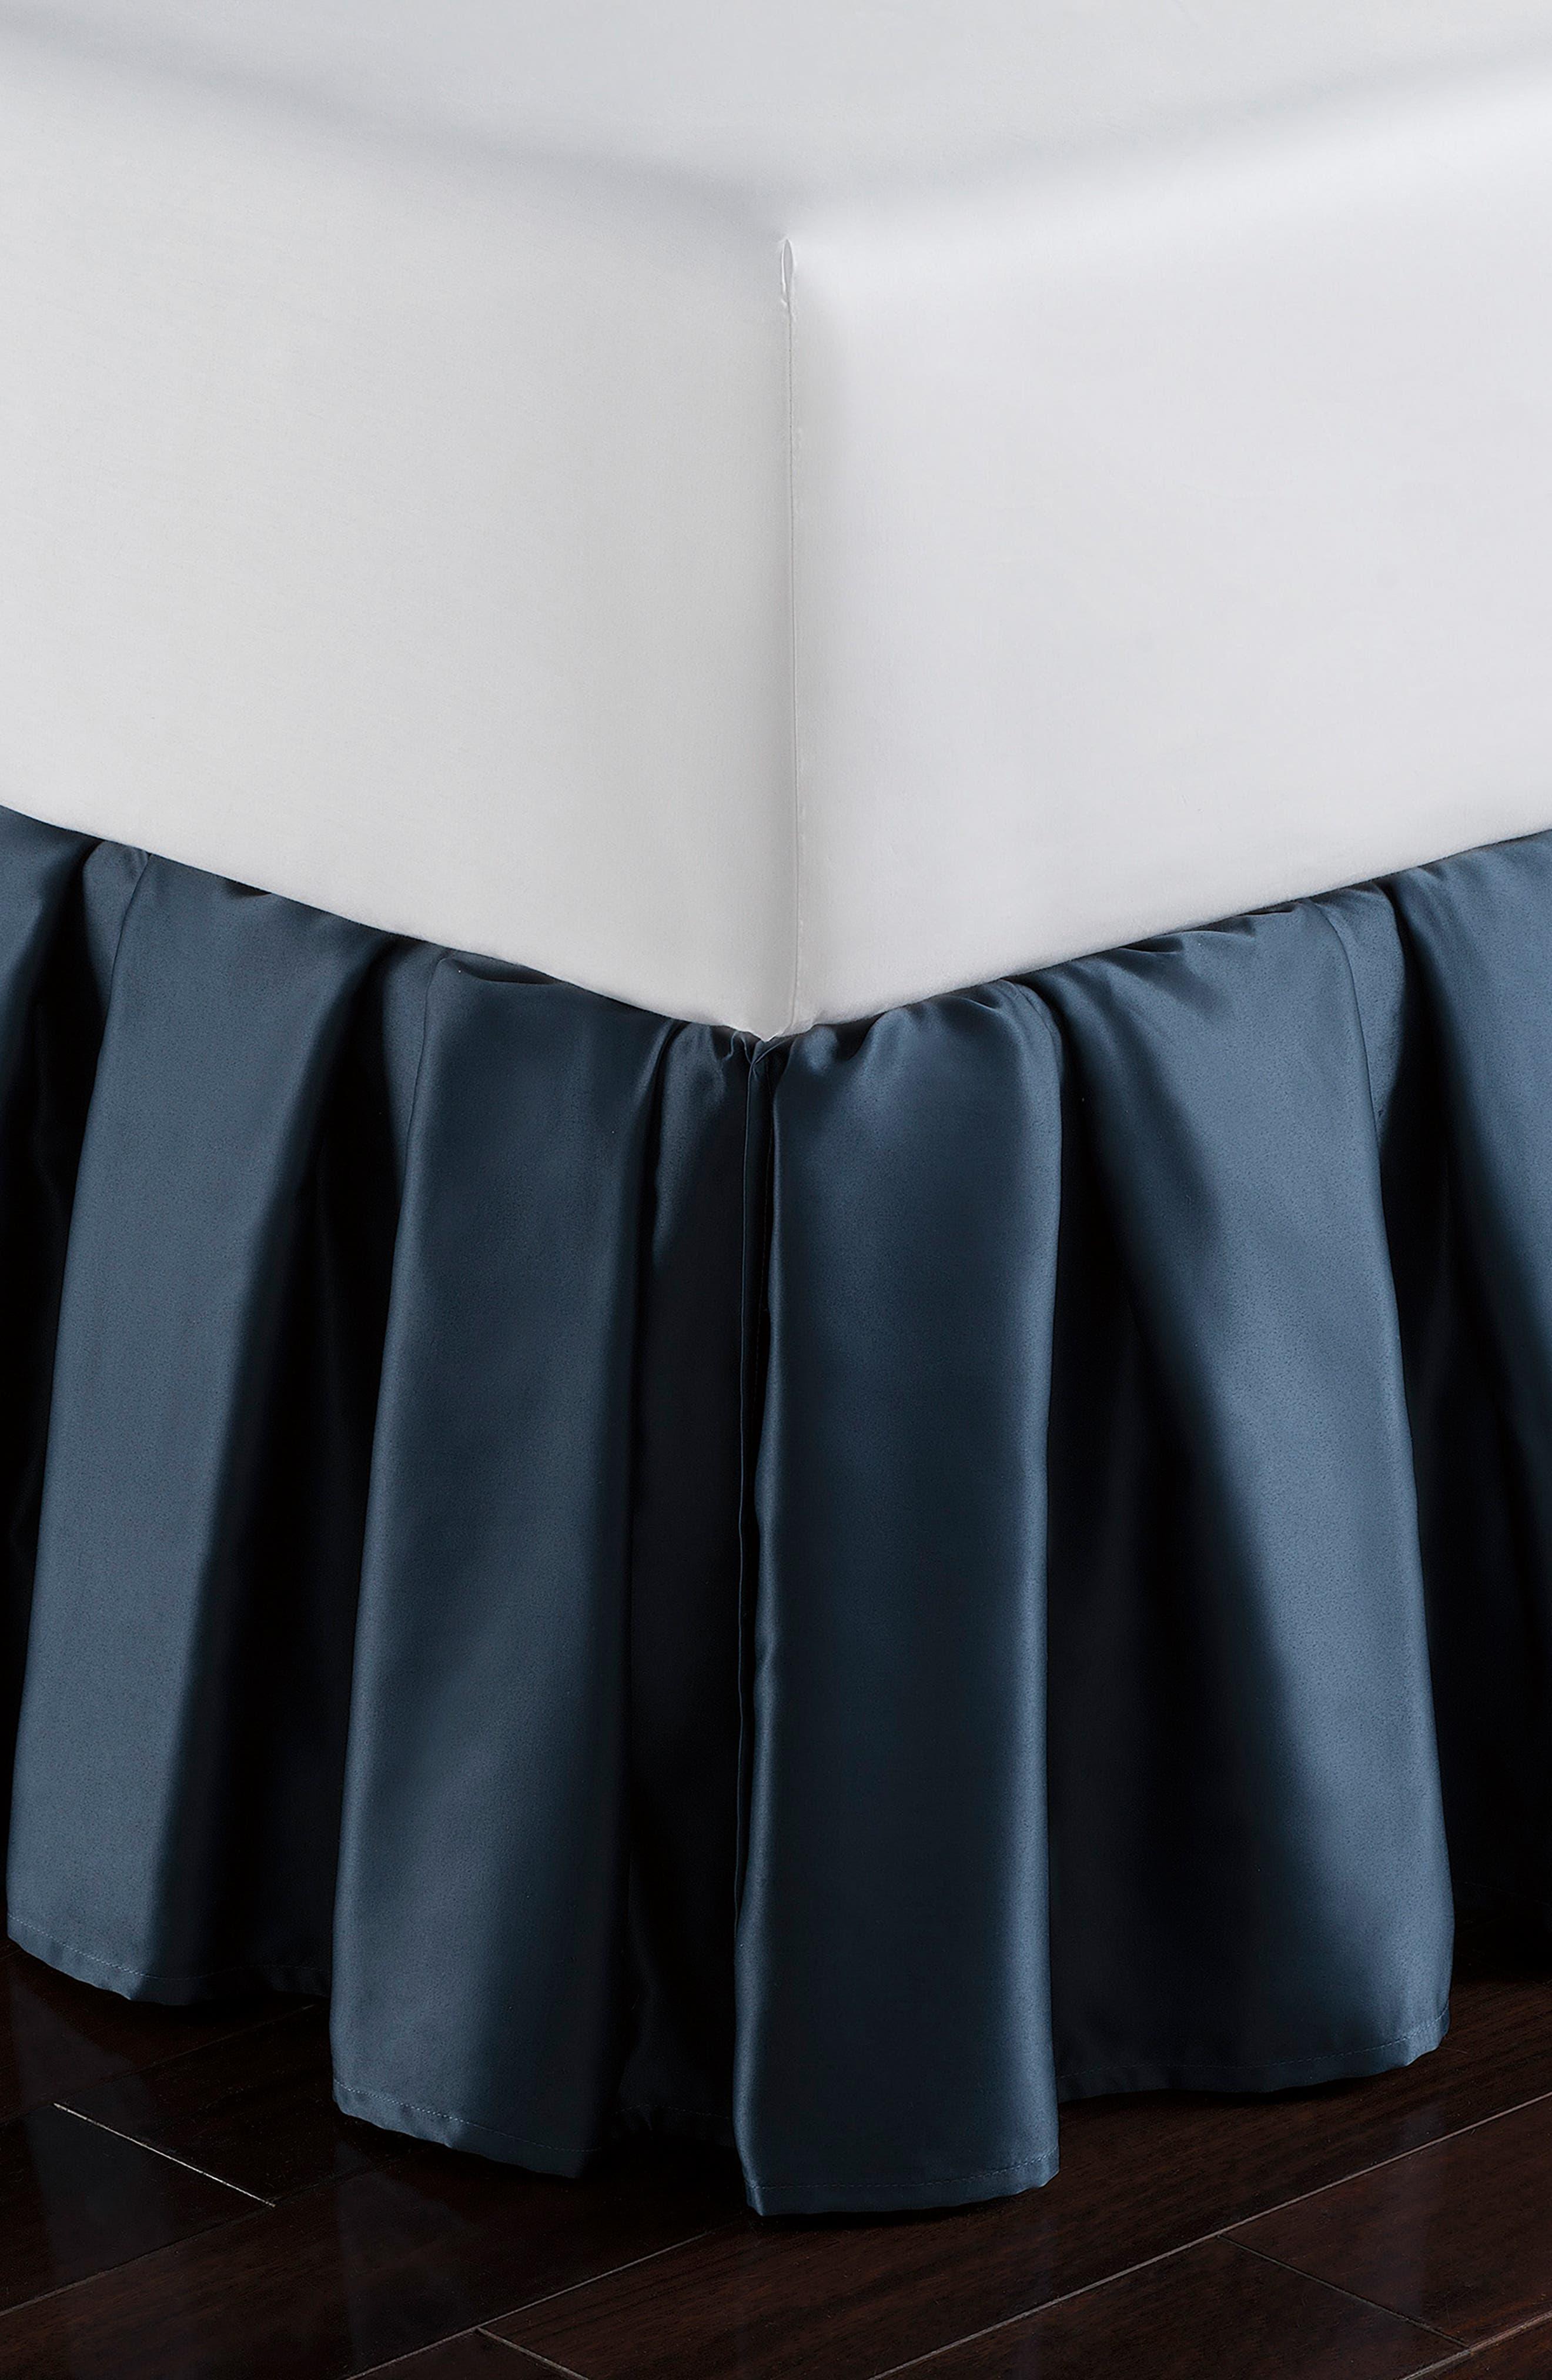 WATERFORD, Jonet Reversible Comforter, Sham & Bedskirt Set, Alternate thumbnail 3, color, INDIGO